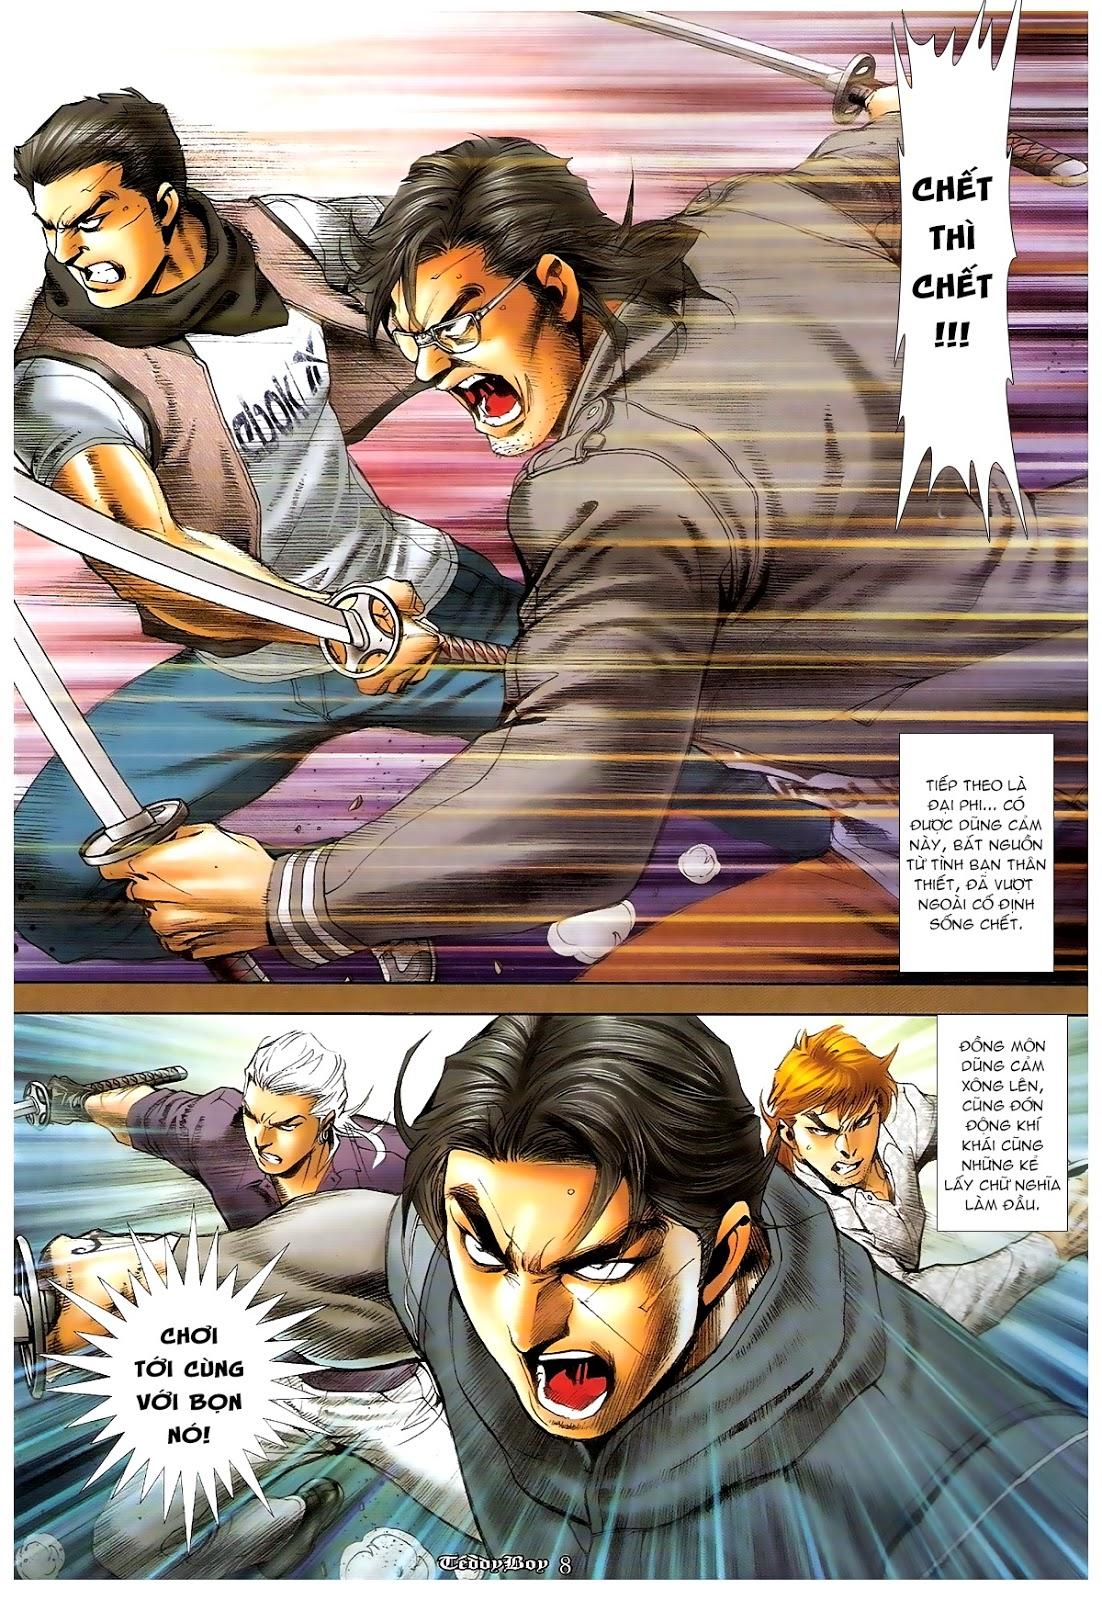 Người Trong Giang Hồ - Chapter 1219: Sống chết cũng theo - Pic 6